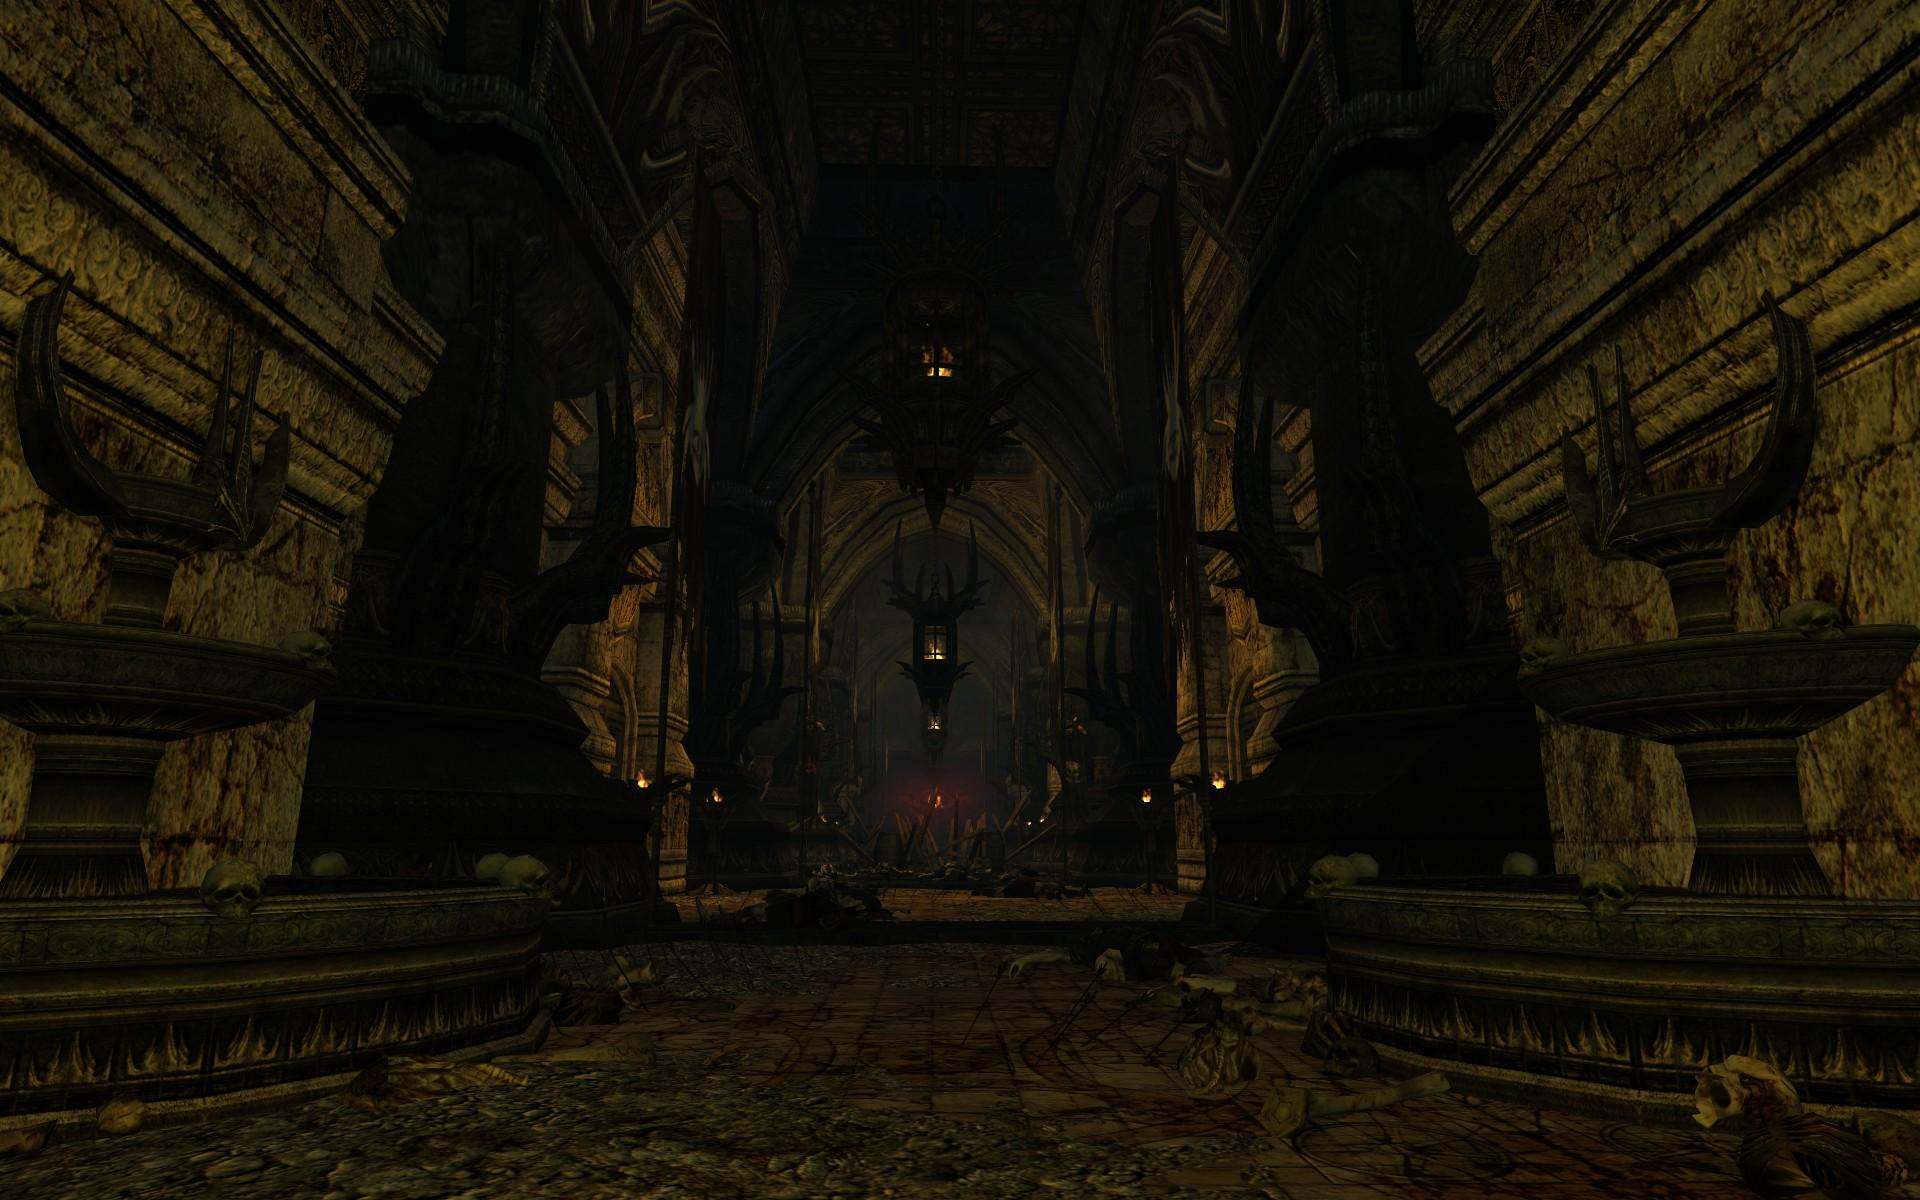 『ロード・オブ・ザ・リングス オンライン』におけるキリス・ウンゴルの塔内部